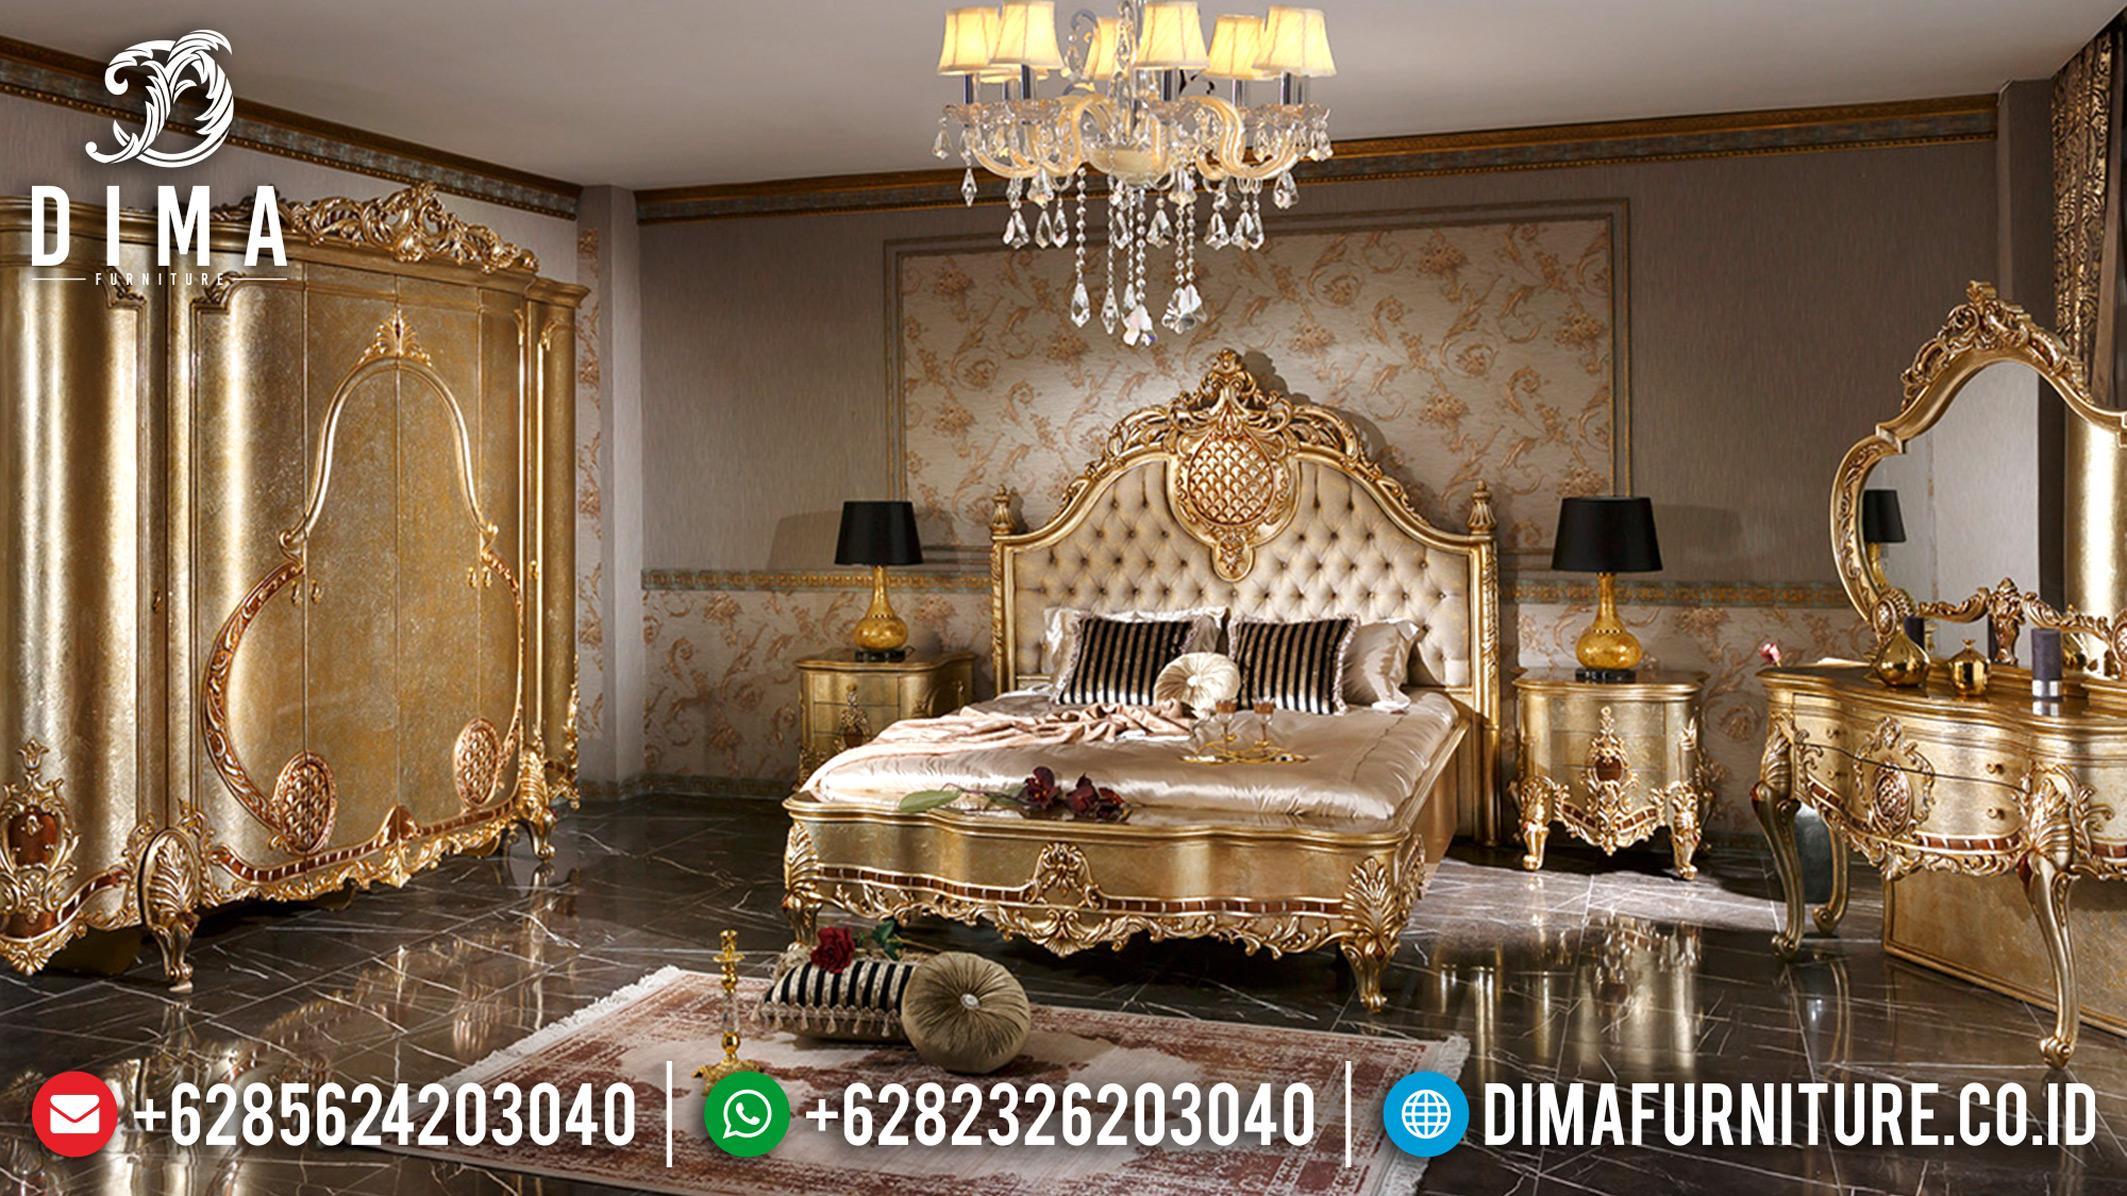 20+ Tempat Tidur Jepara Mewah Dan Minimalis Pilihan Tahun 2019 004 Dima Furniture Jepara